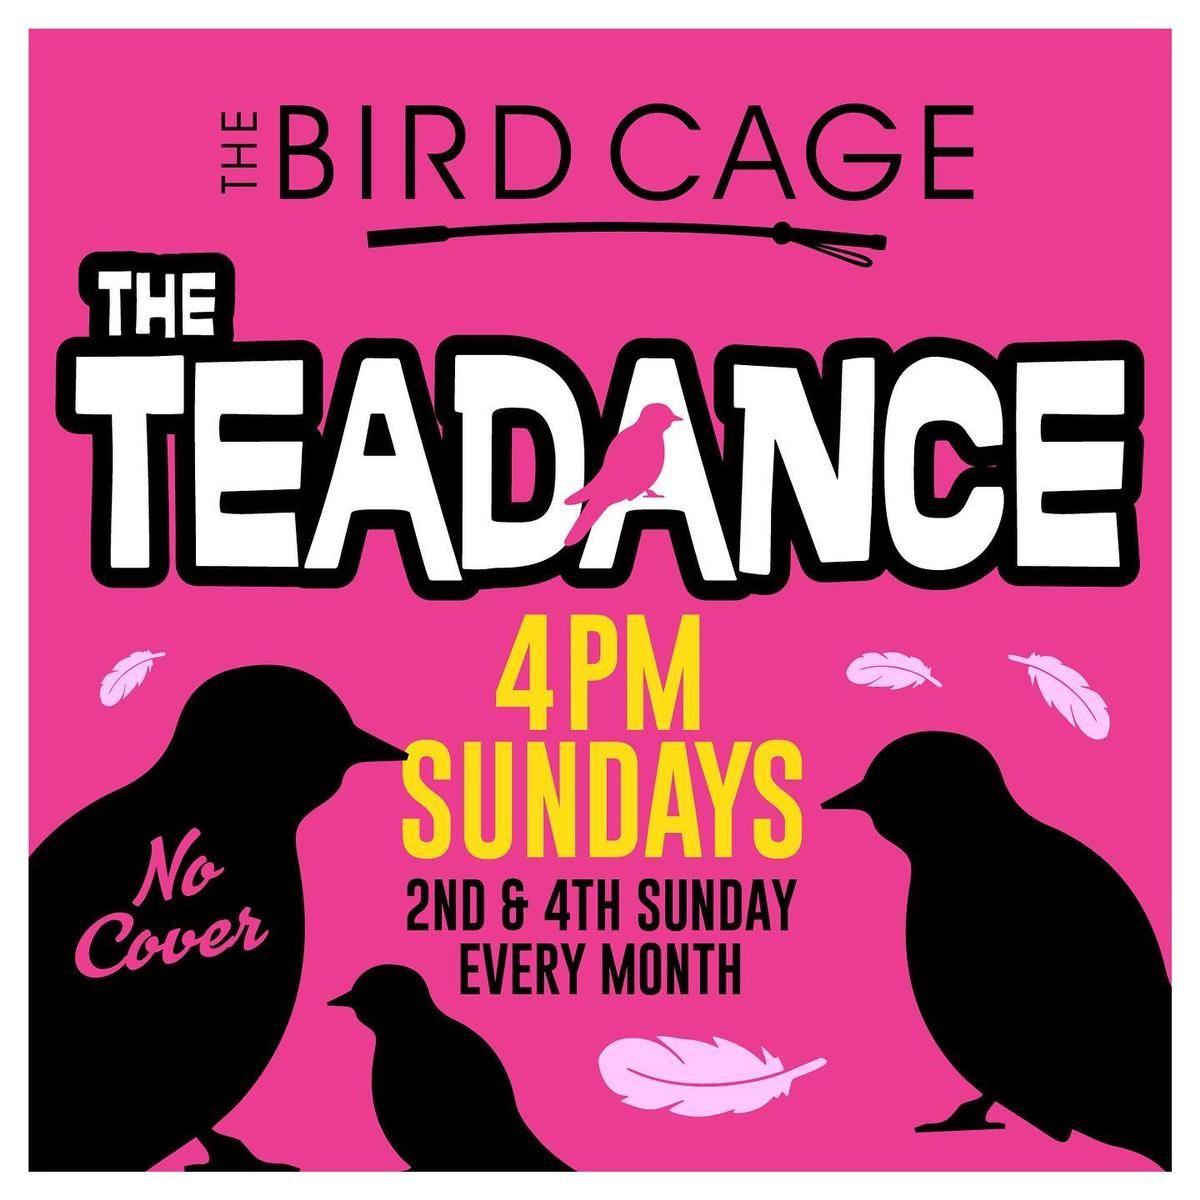 The Teadance